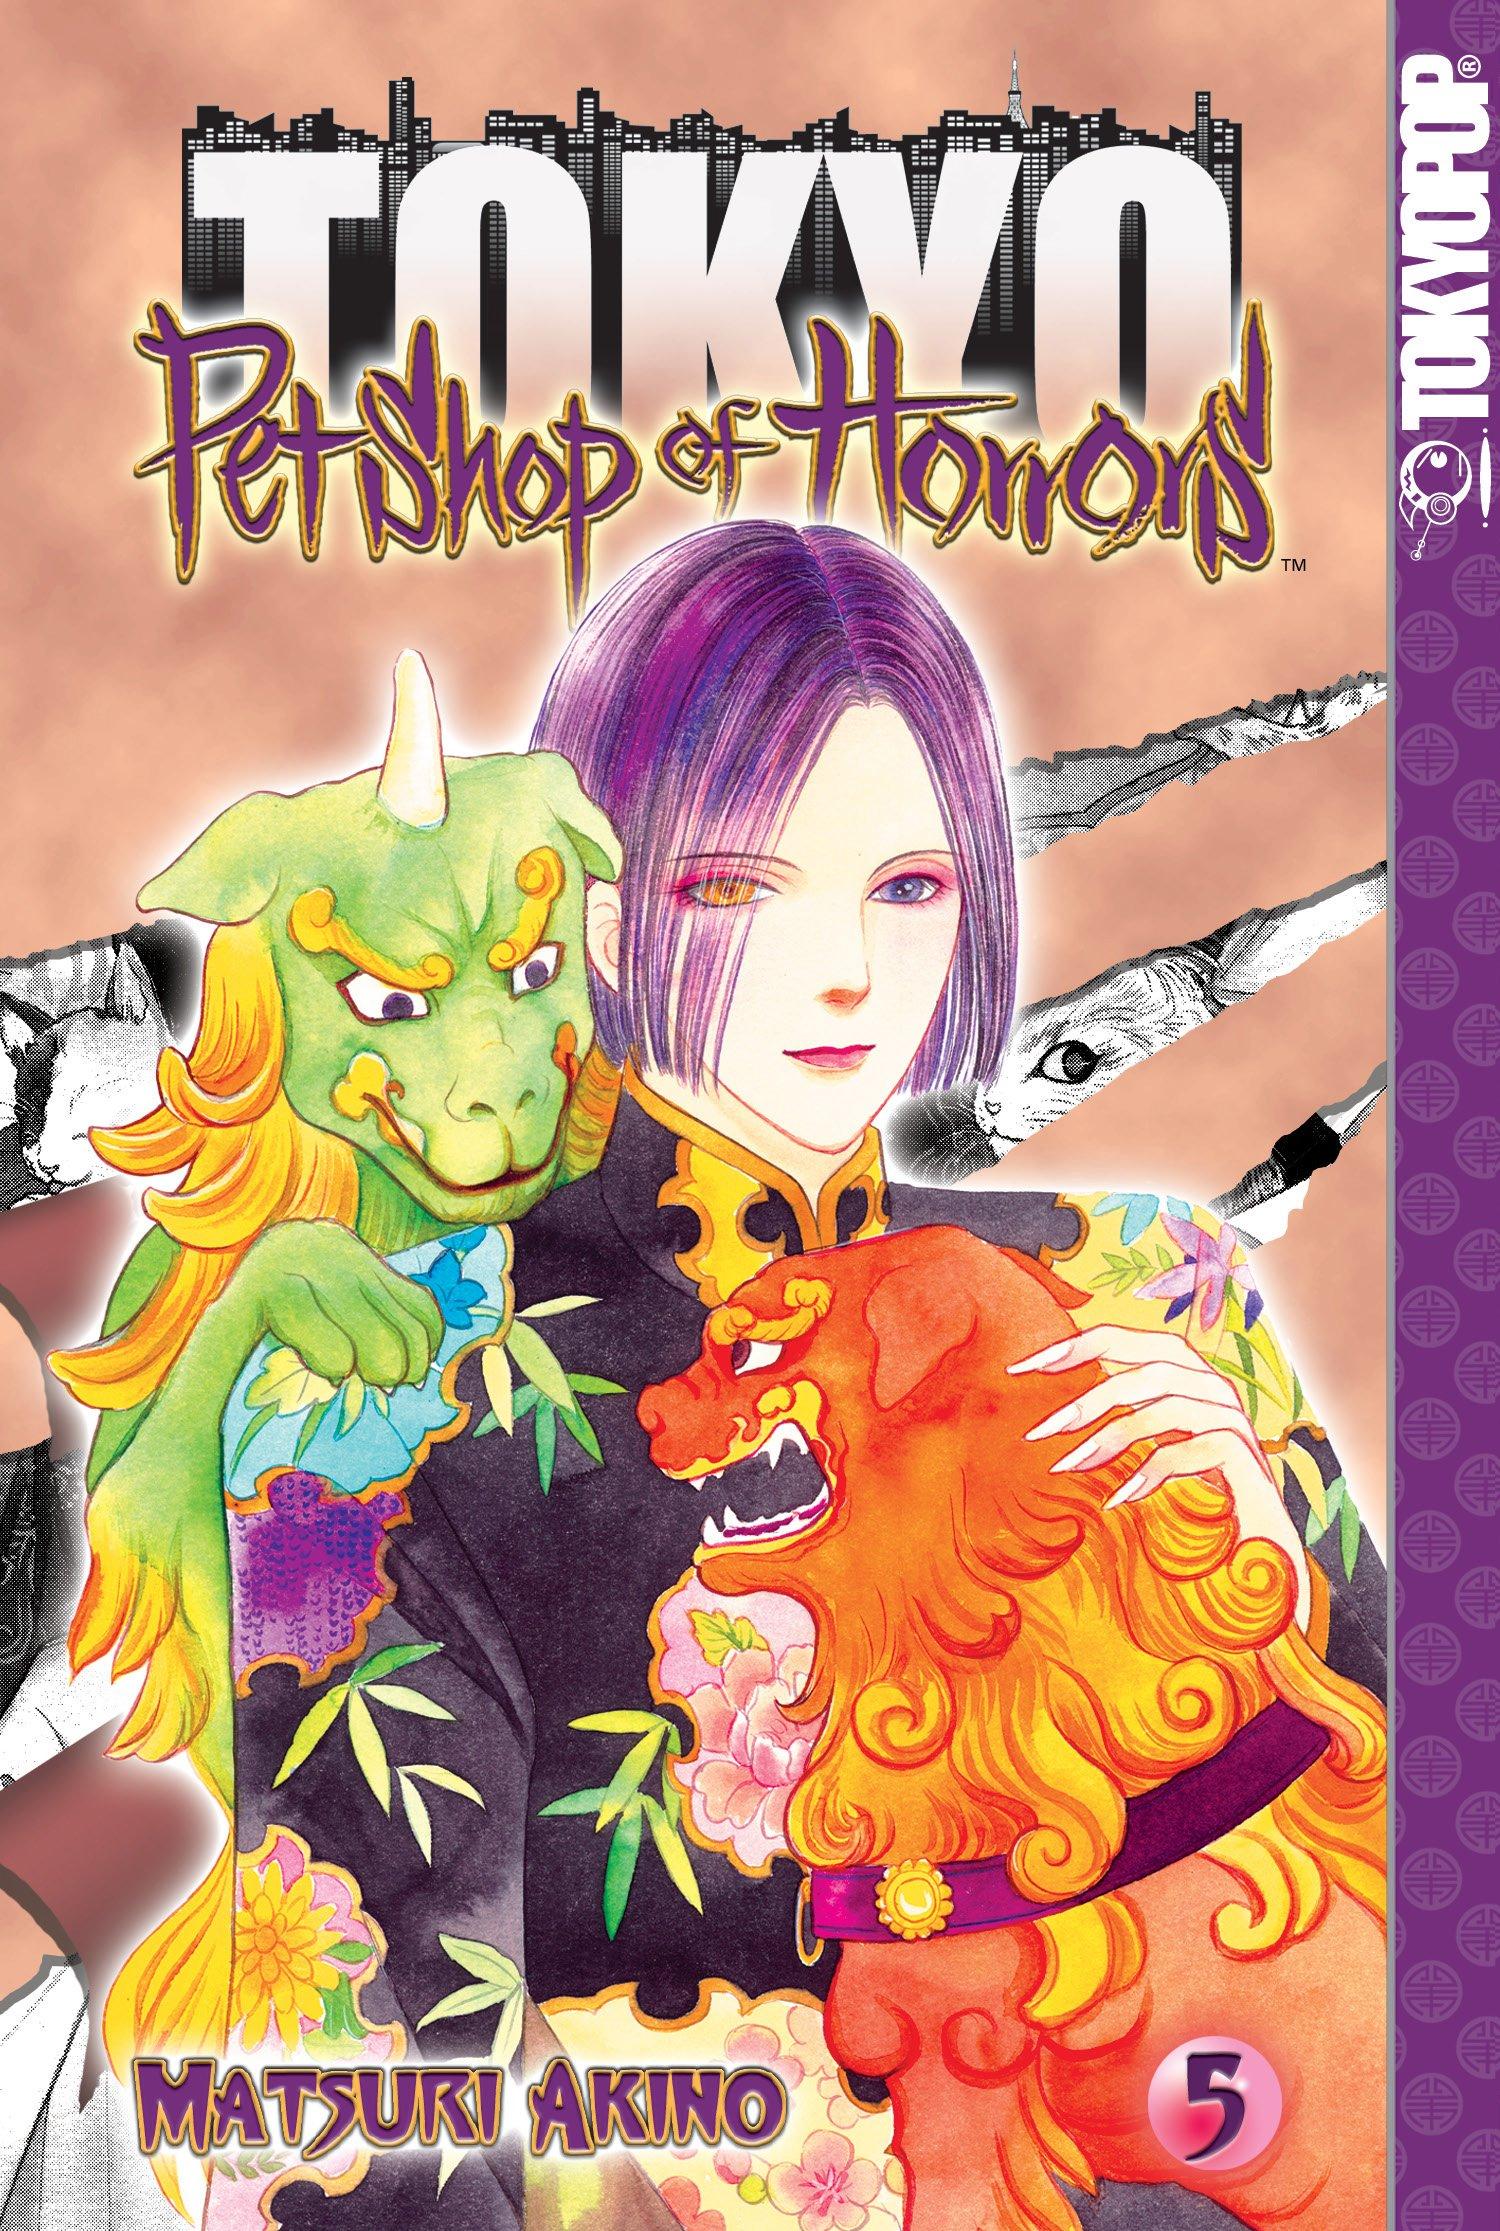 Pet Shop Tokyo Pet Shop of Horrors Tokyo